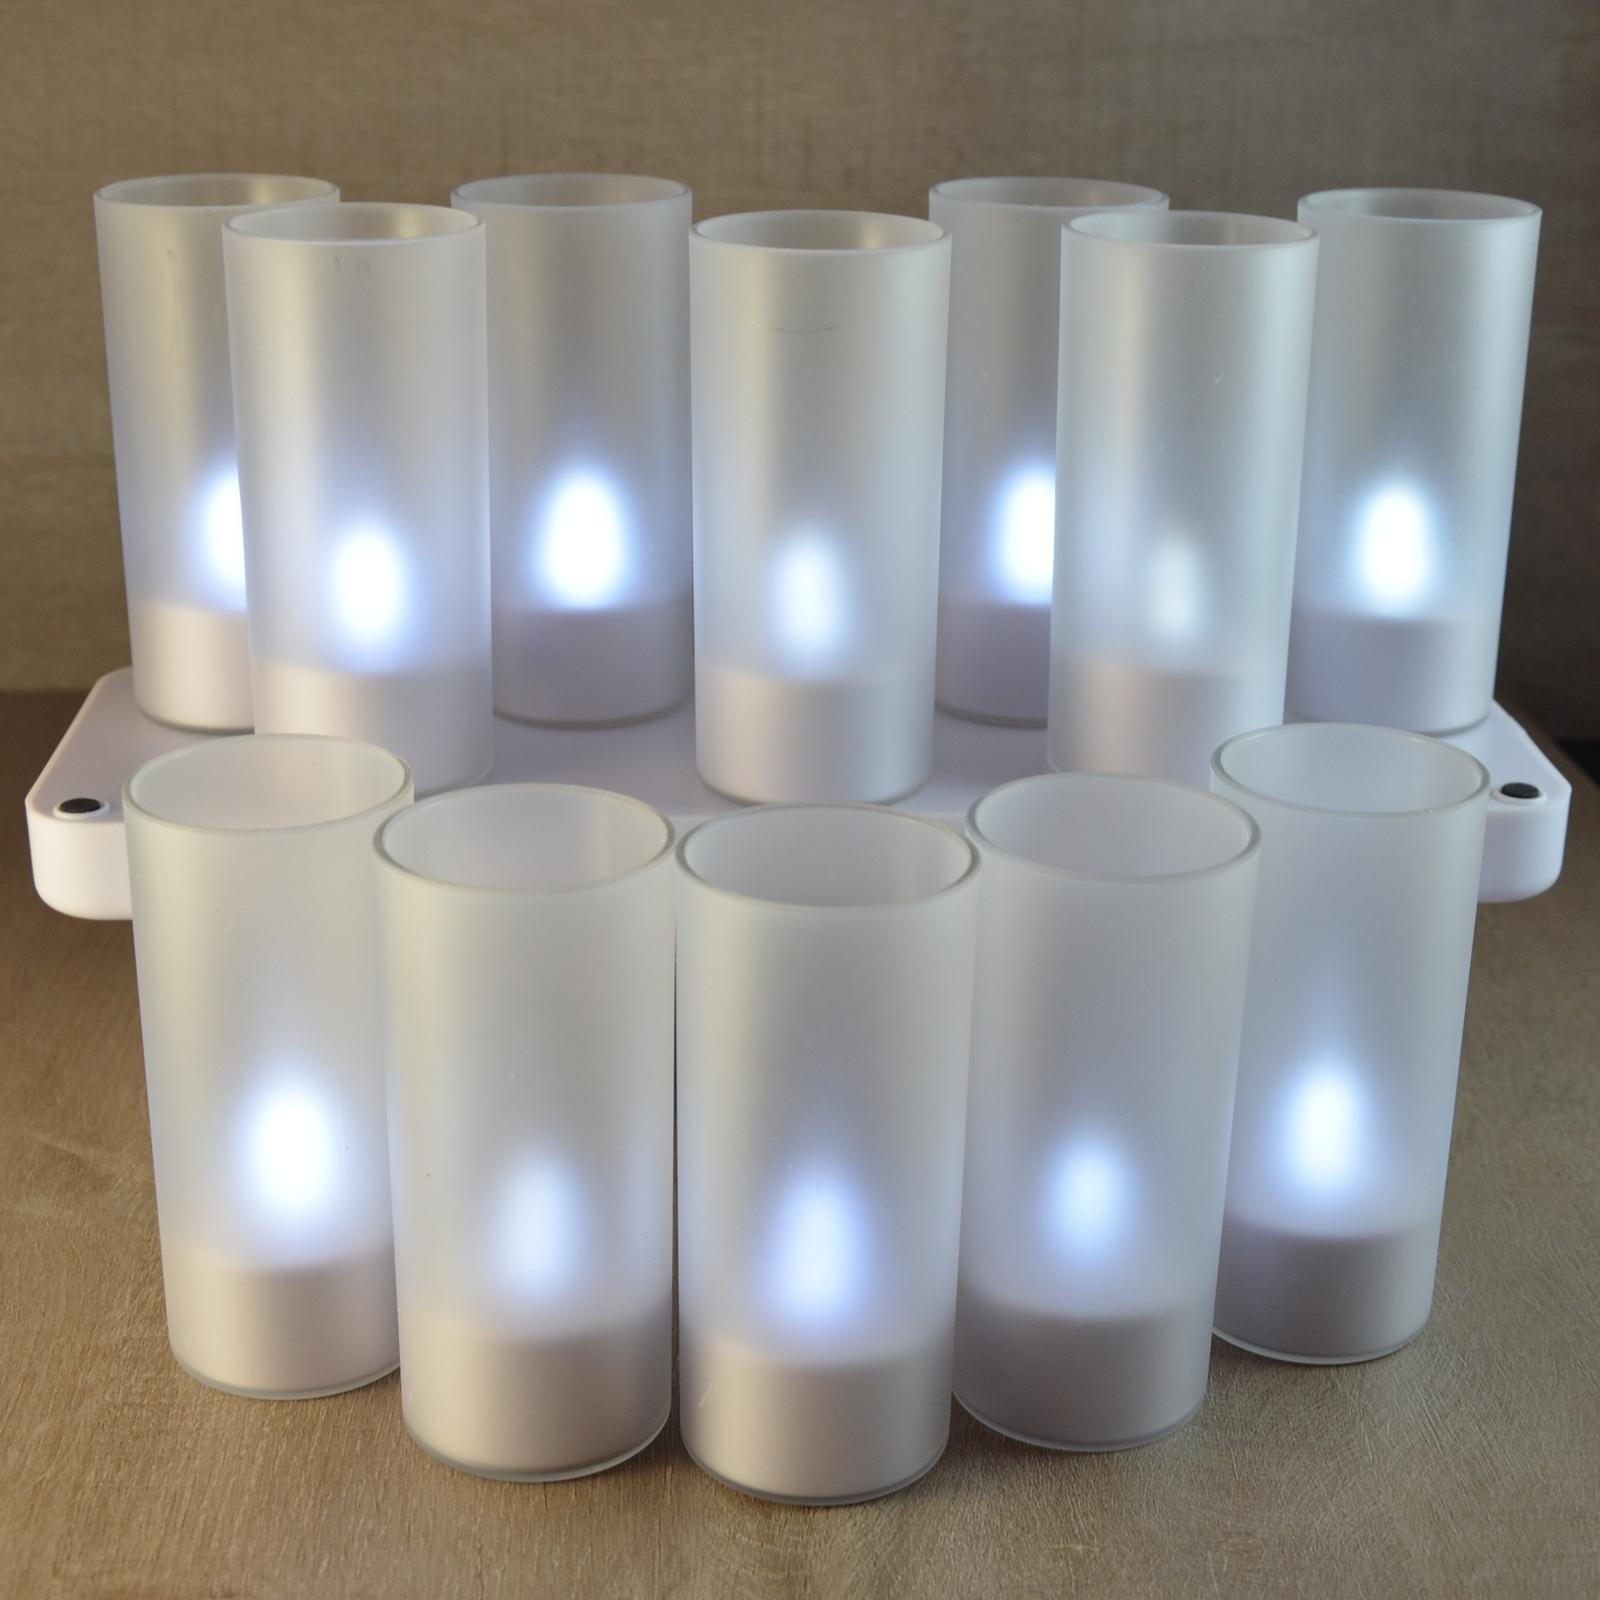 Set de 12 bougies Blancje à LED rechargeables